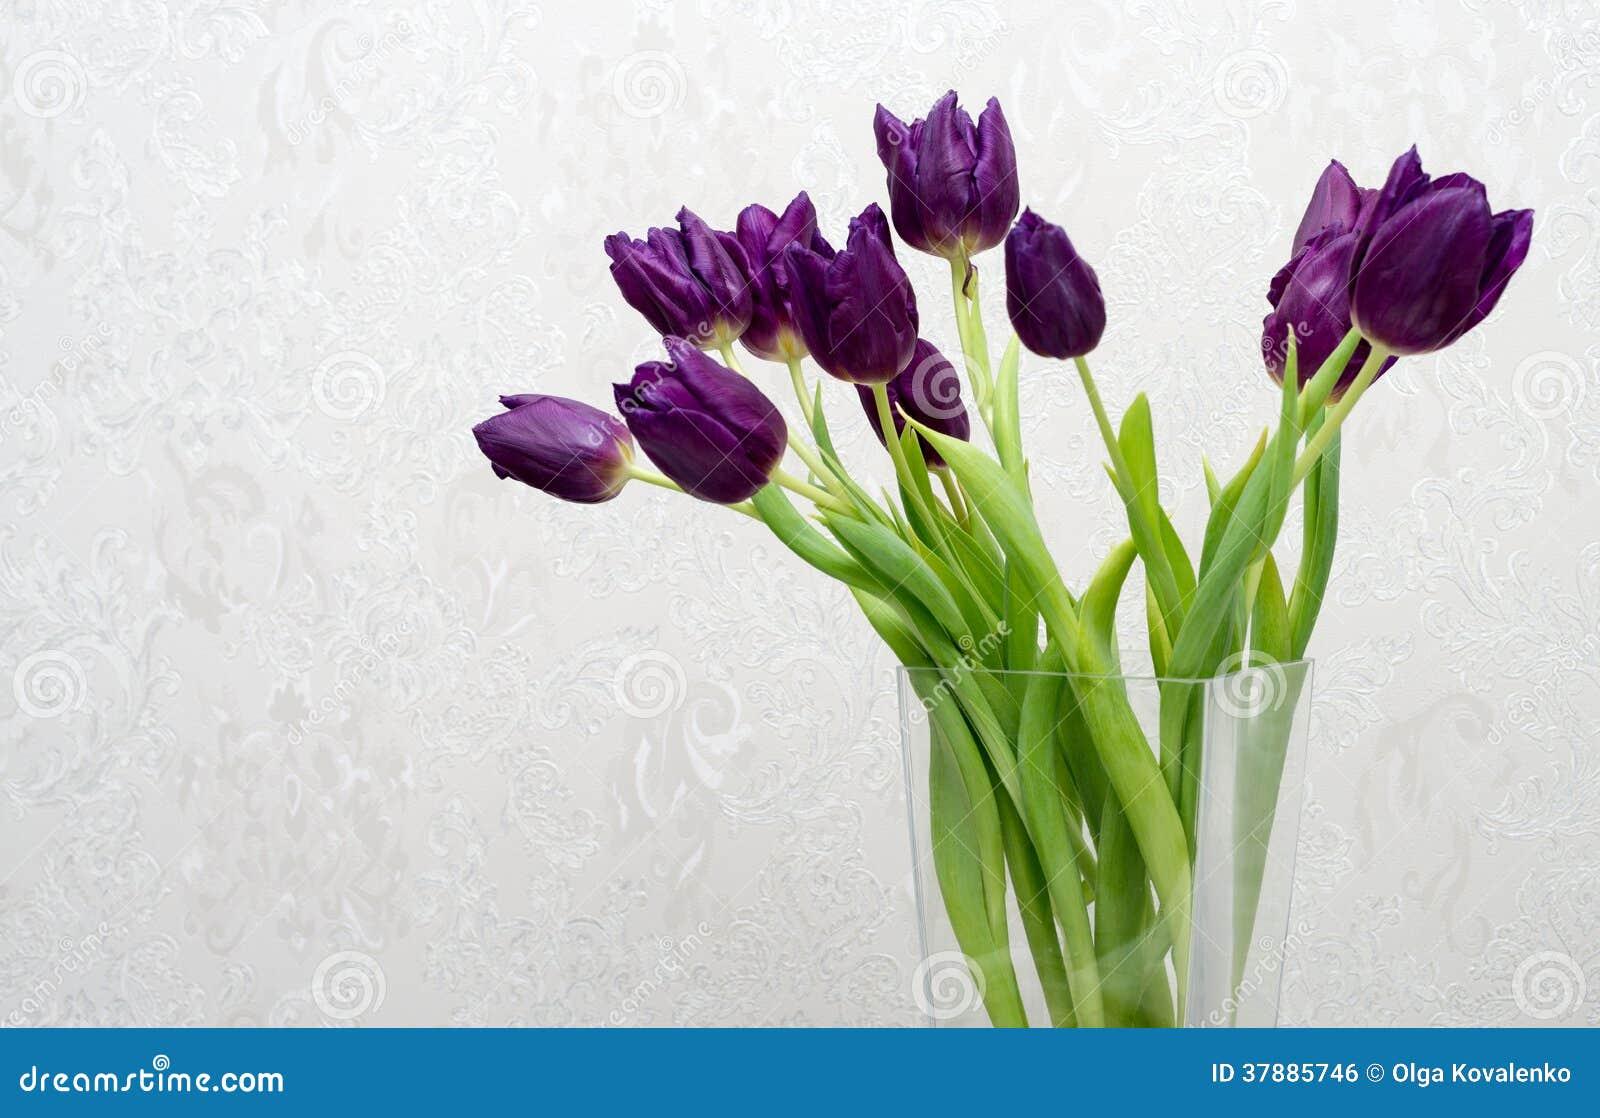 Boeket van purpere tulpen in een vaas